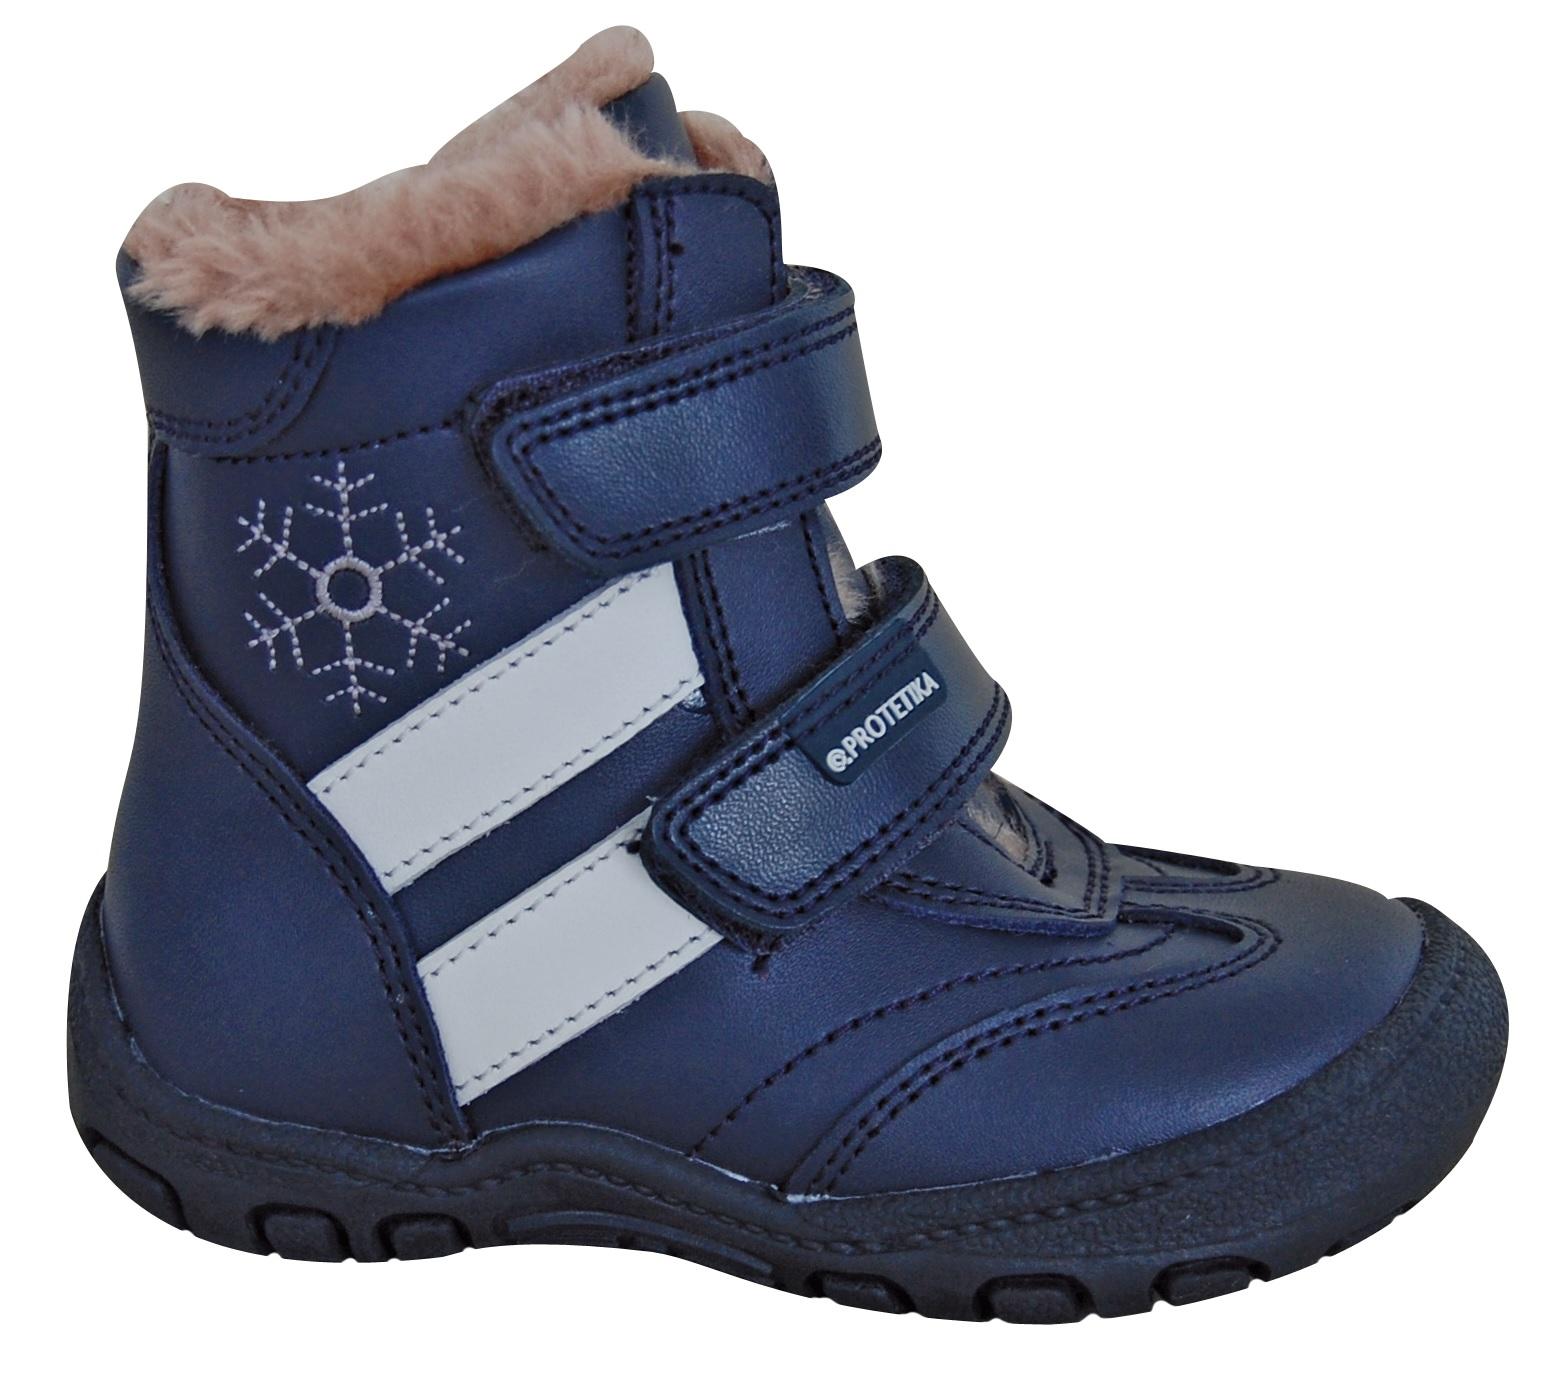 a98bba8da Protetika Chlapčenské zimné topánky Berger - modré, EUR 26 ...